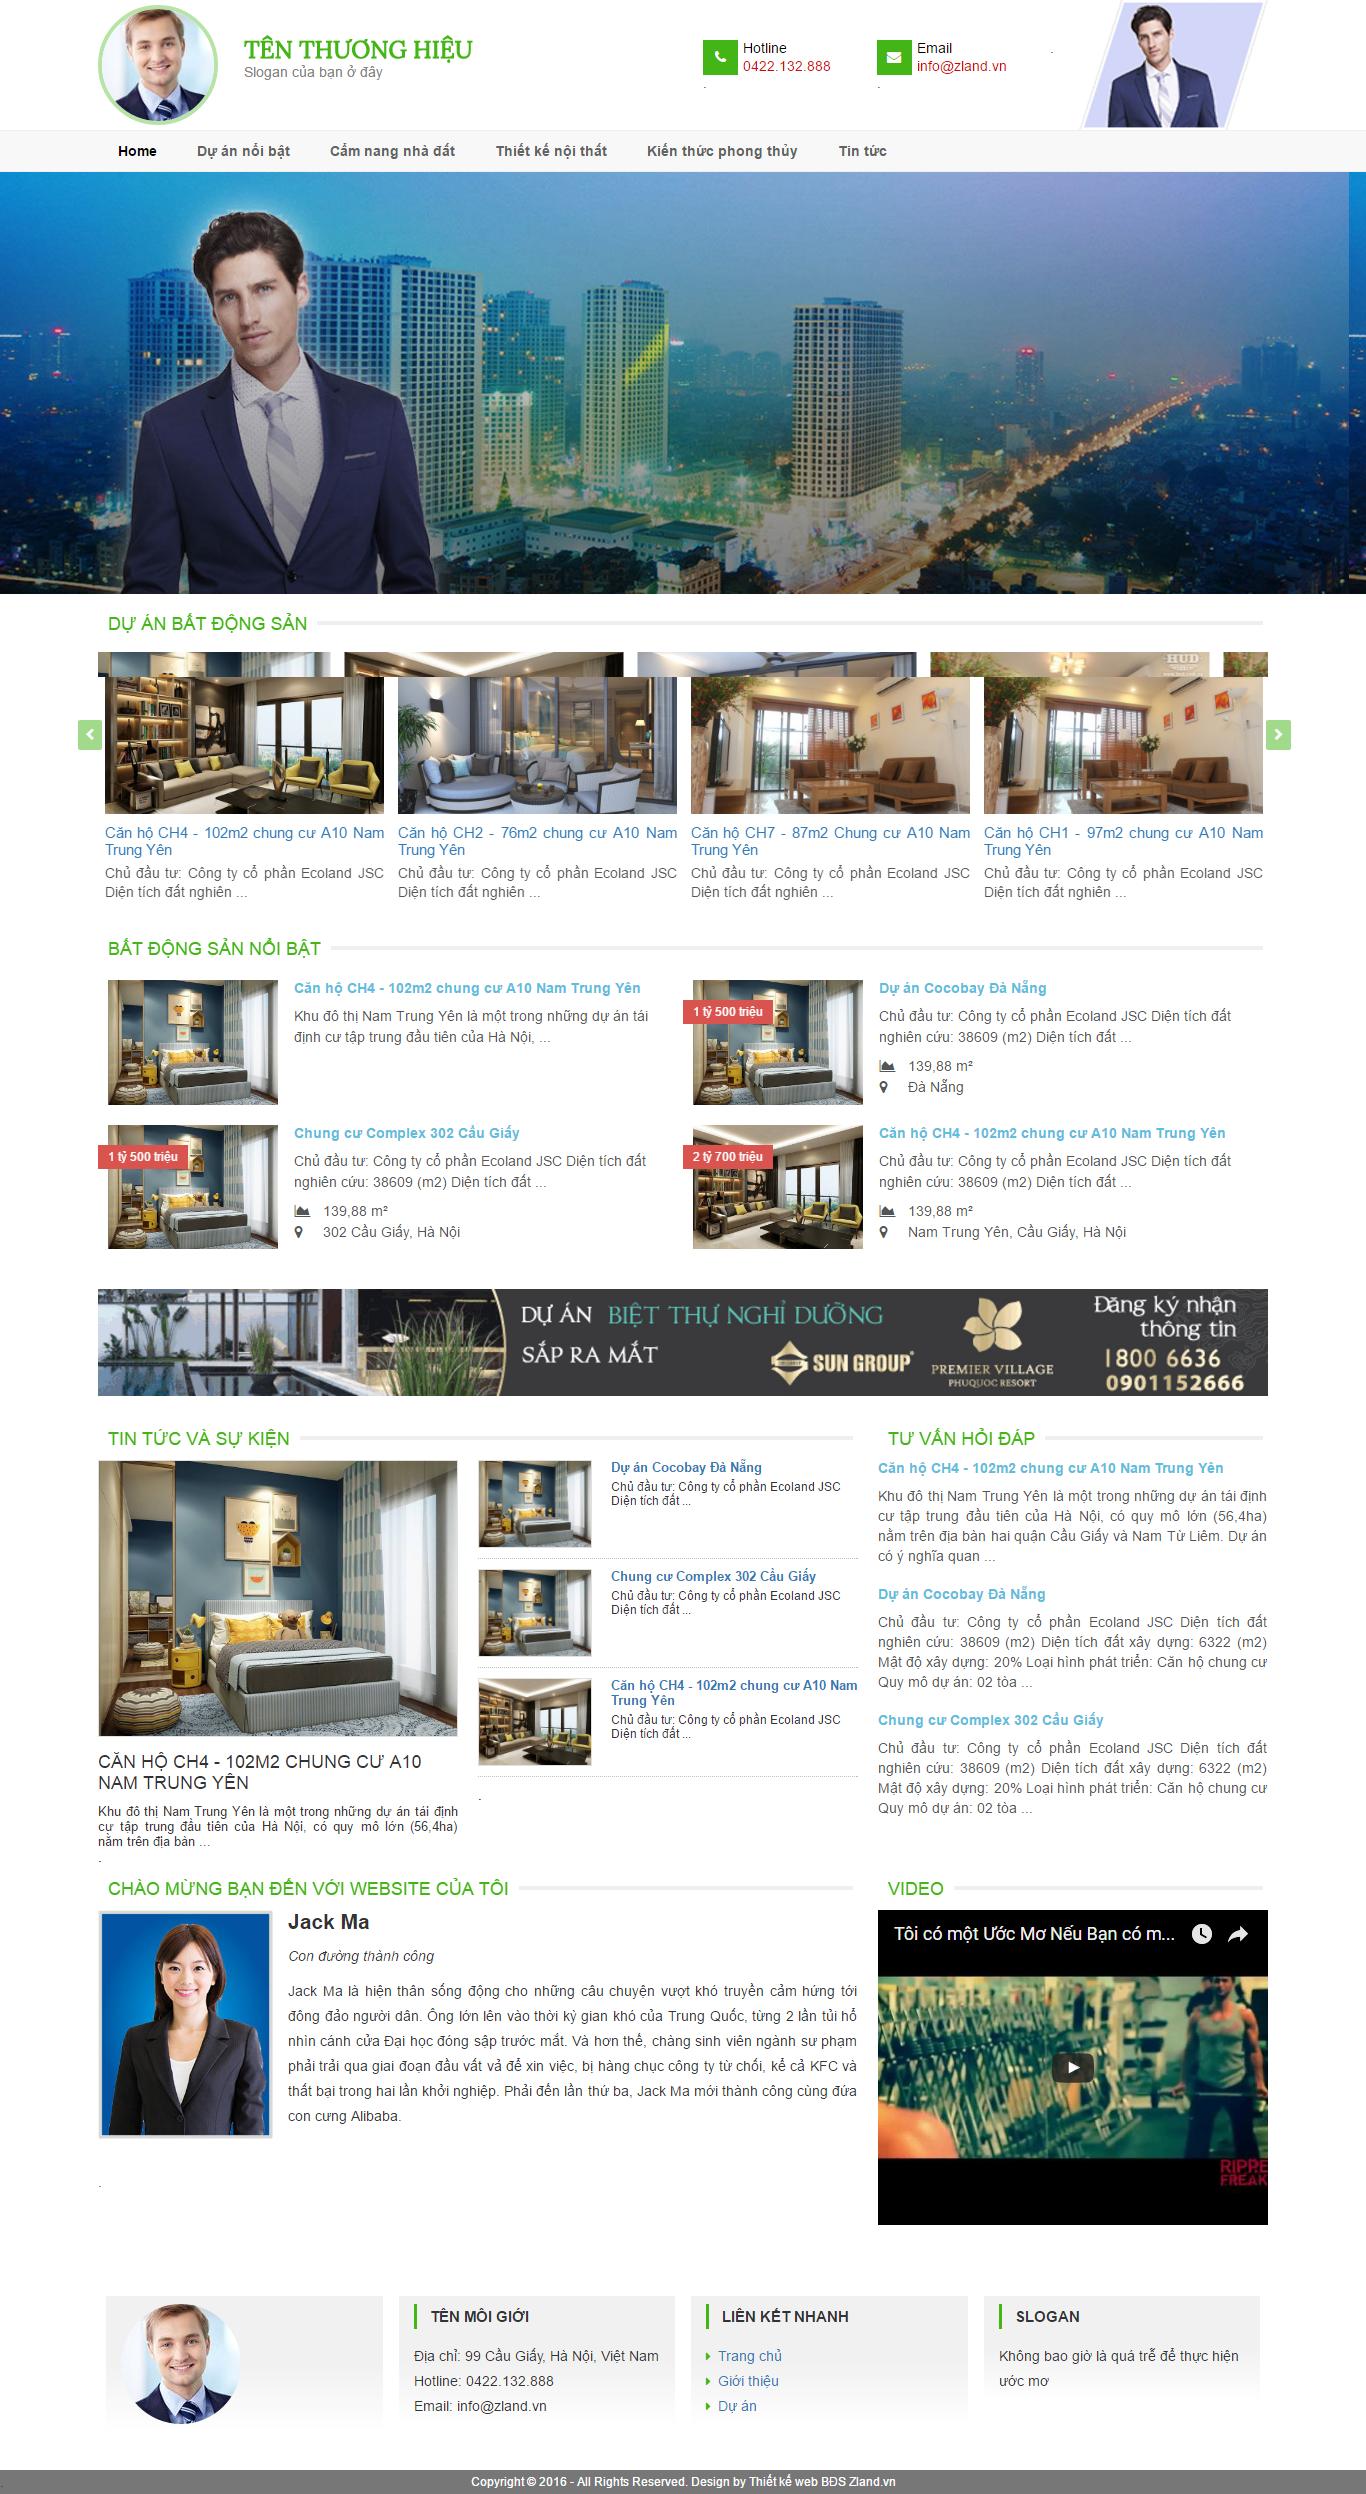 Giao diện website Bất động sản Z - 61